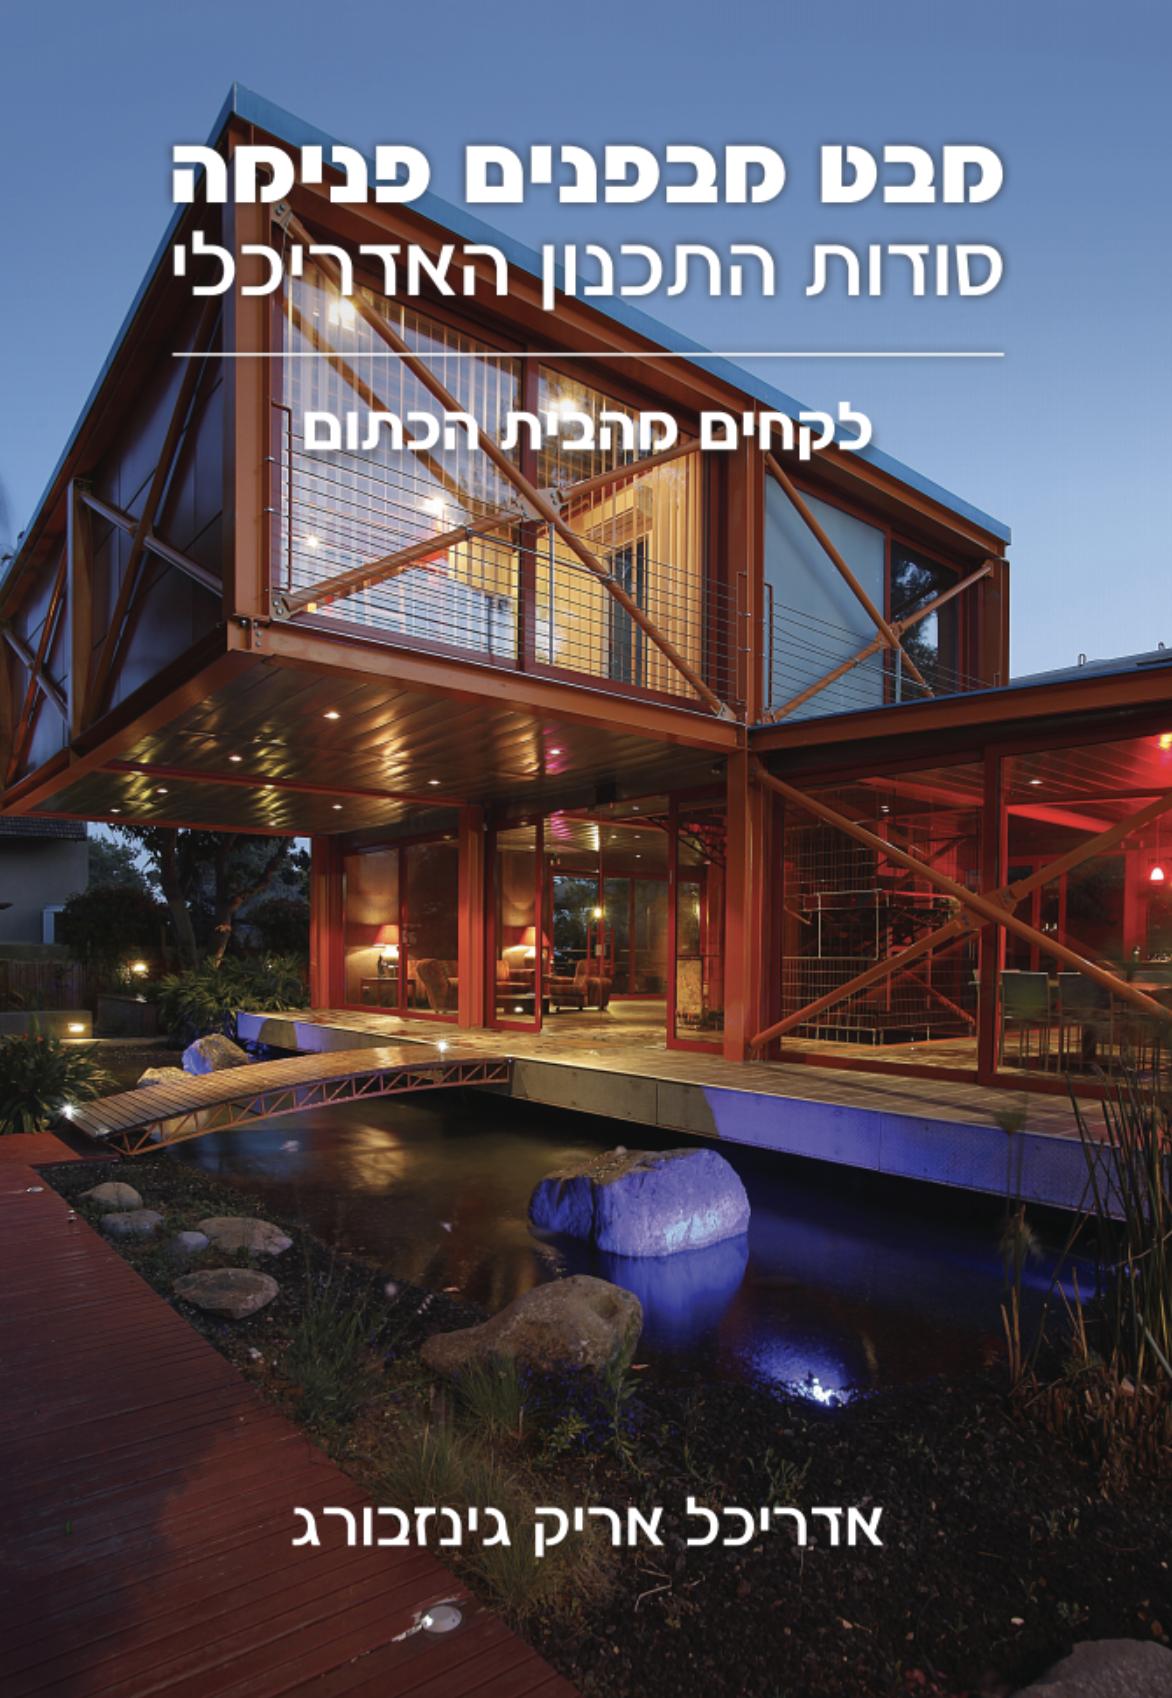 מבט מבפנים פנימה – סודות התכנון האדריכלי, לקחים מהבית הכתום / אריק גינזבורג - ראה אור בהוצאת סטימצקי